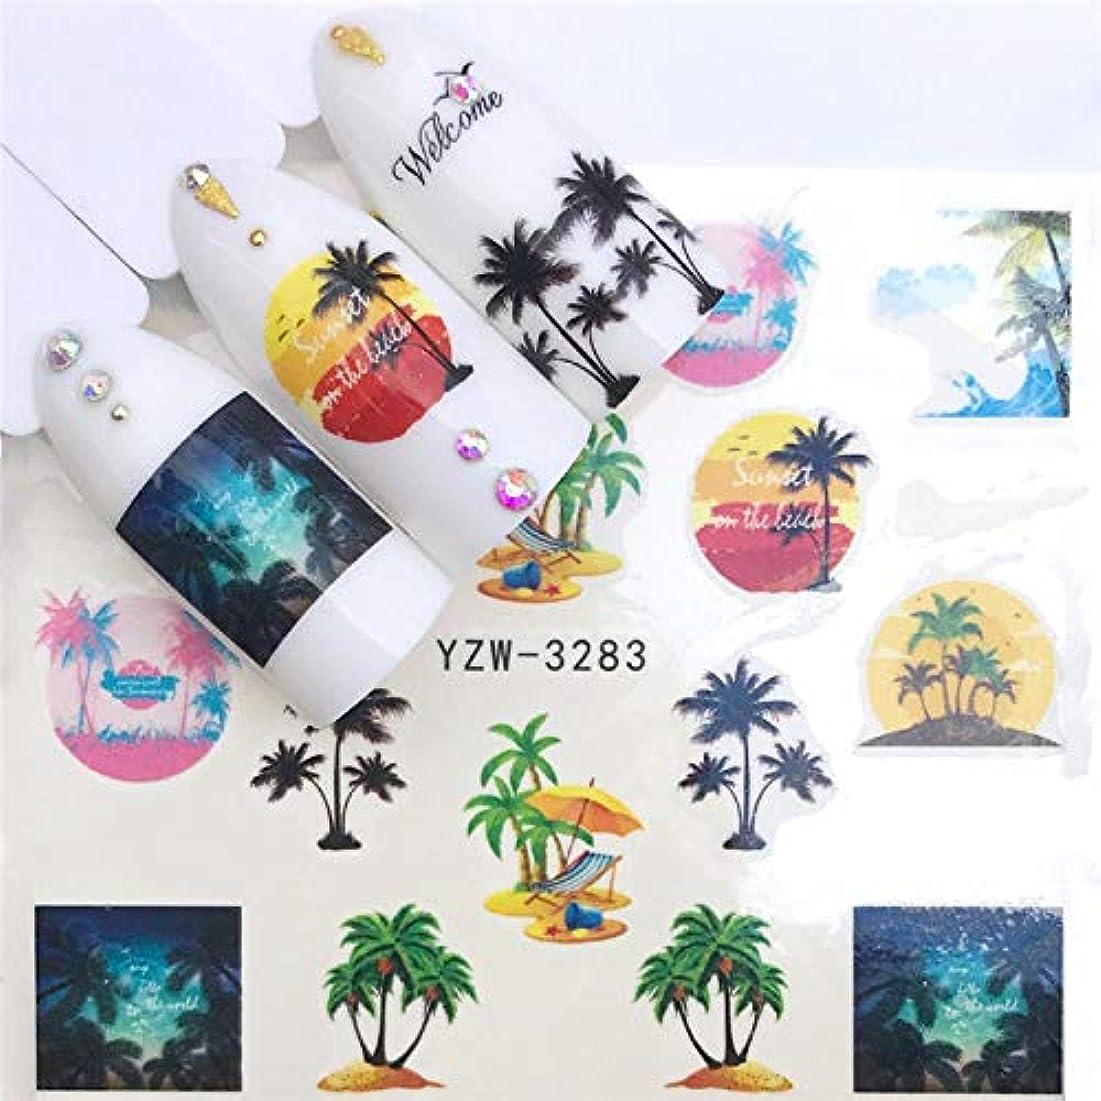 オーナー印象時々SUKTI&XIAO ネイルステッカー 1ピーススライダーネイルステッカーかわいい漫画蜂デカール夏の海洋生物デザイン用ネイルアート透かしタトゥー装飾、Yzw-3283